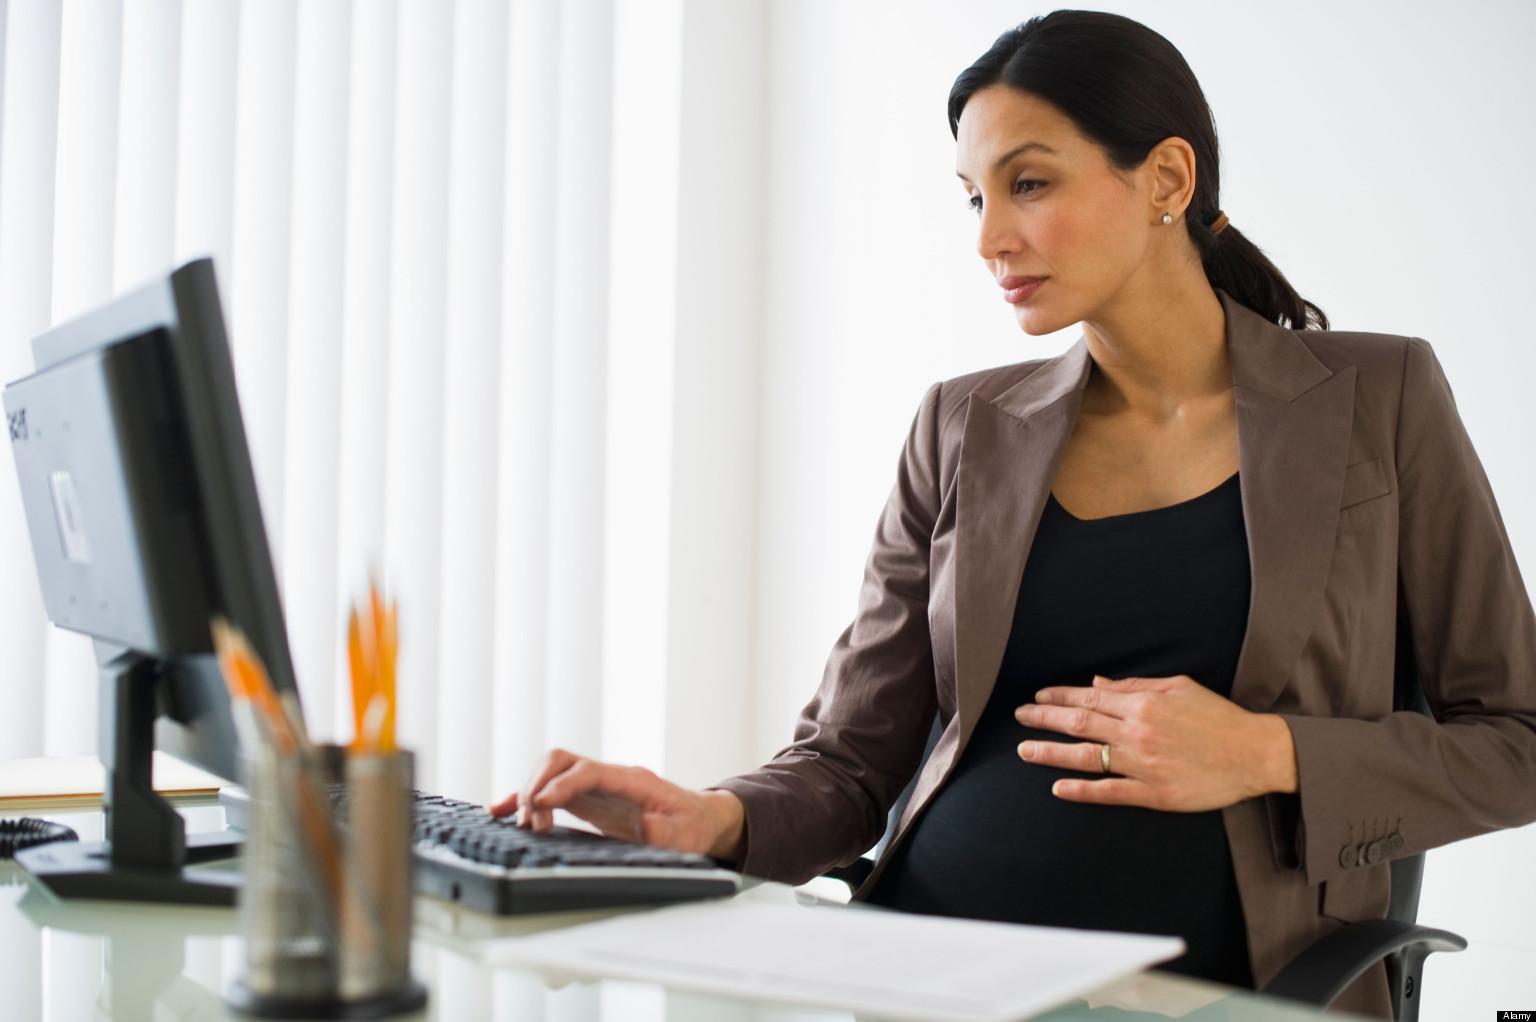 Имеют ли право отправить в командировку если жена беременная